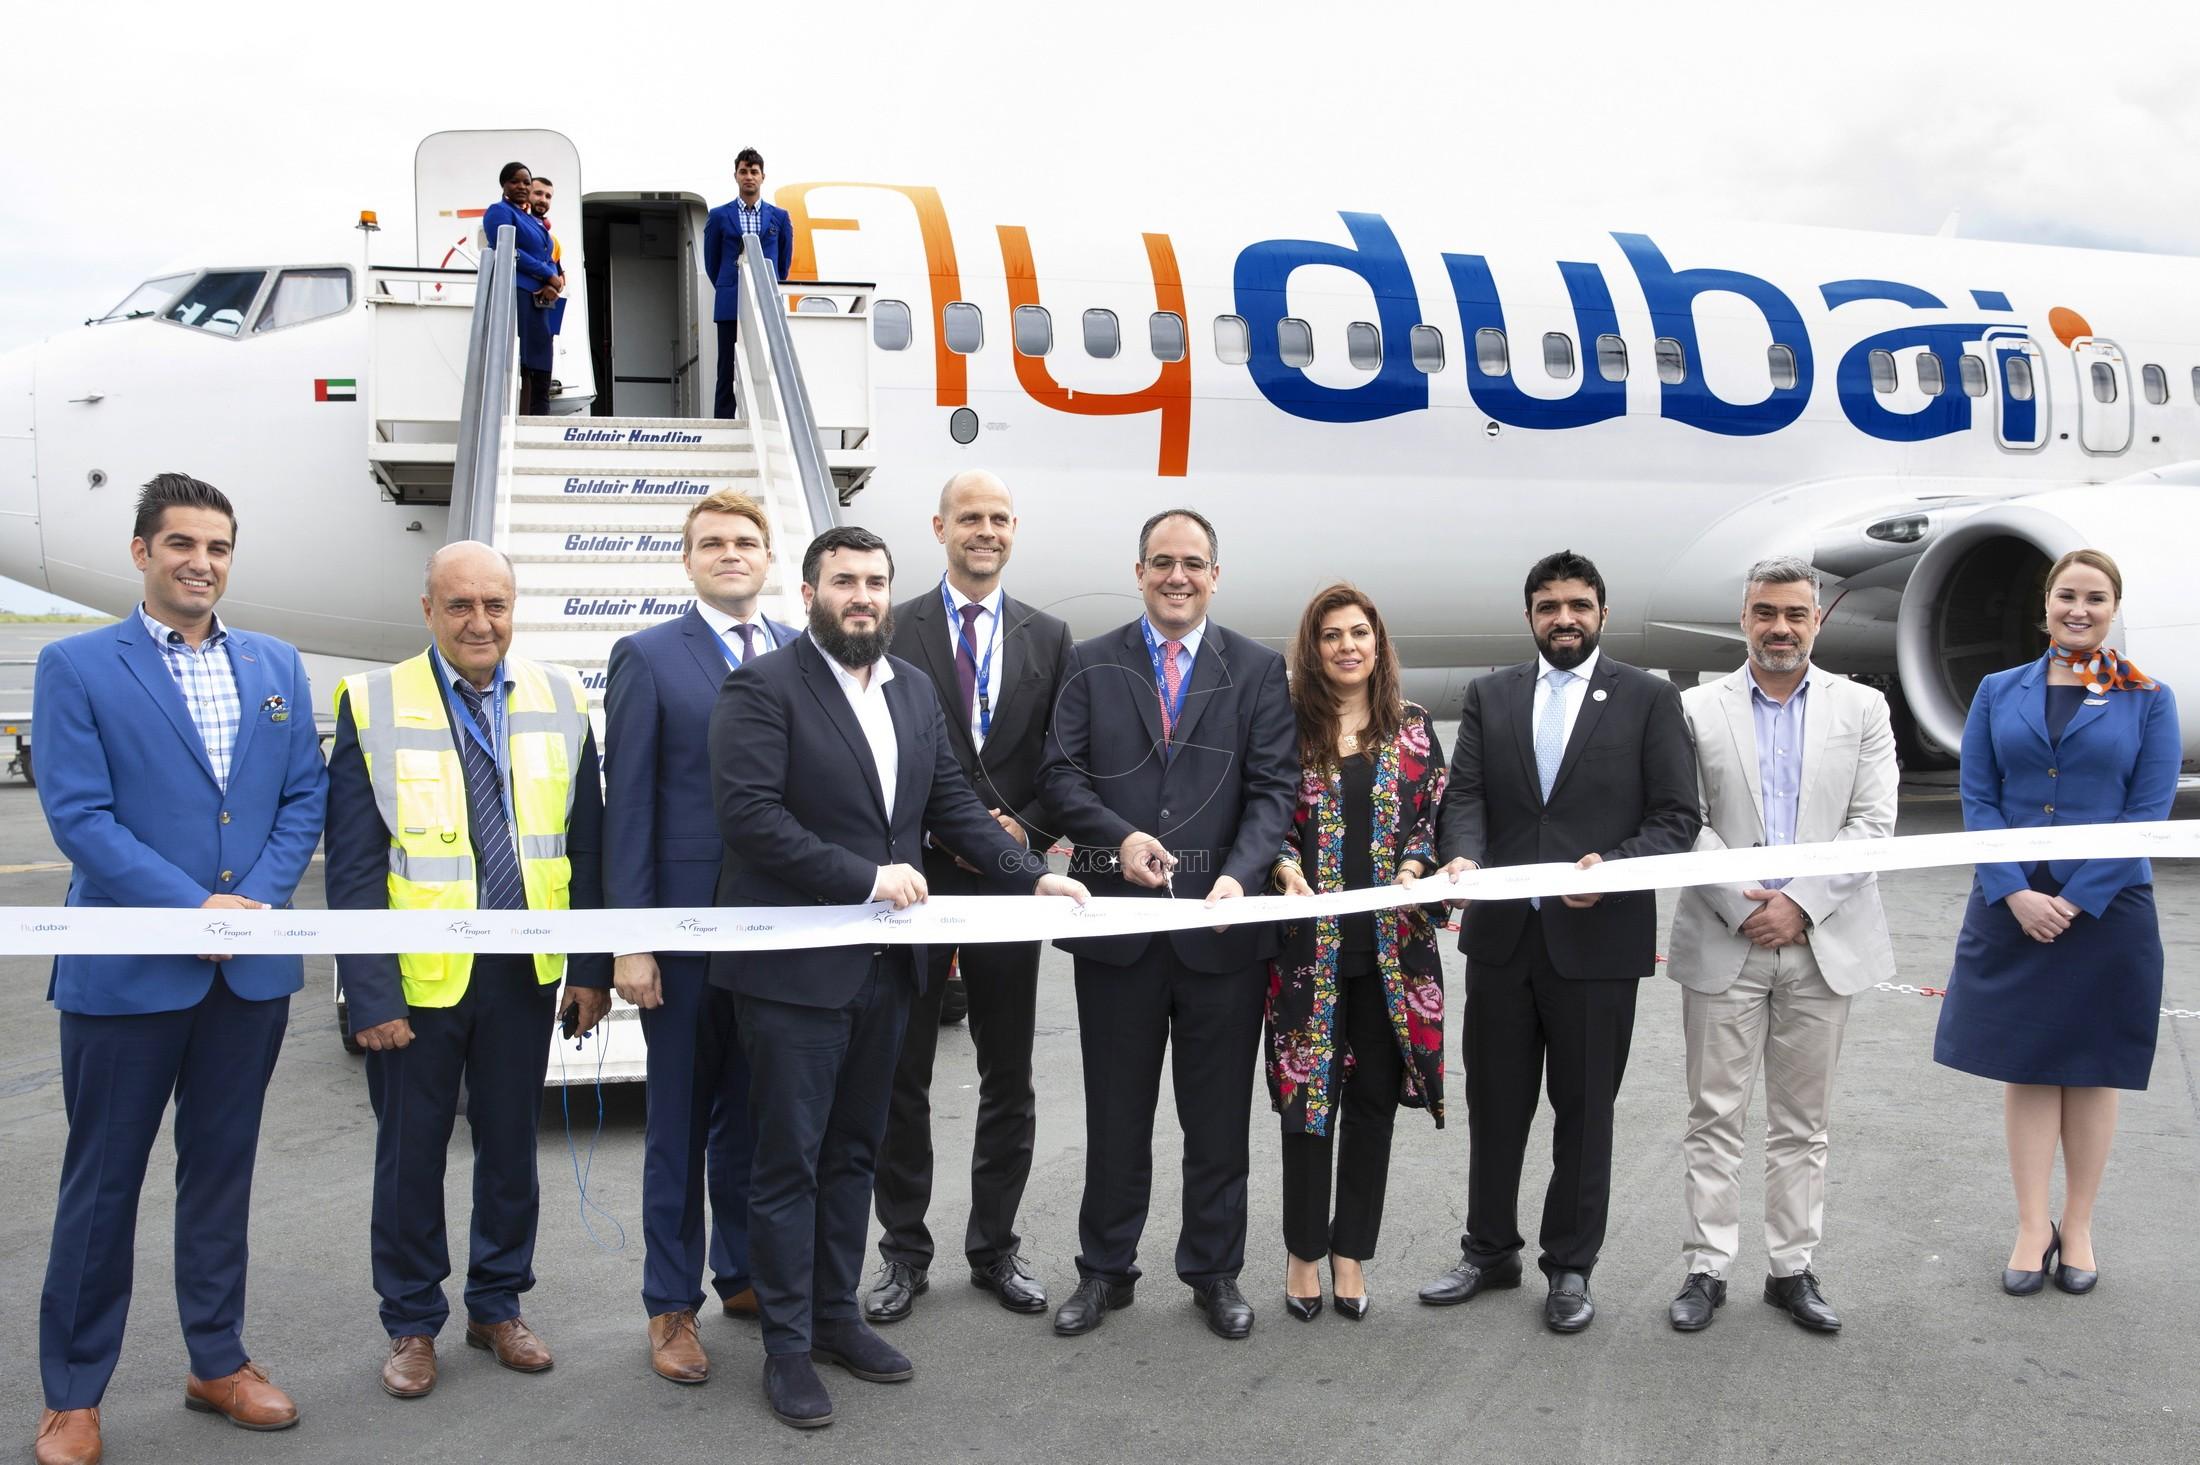 100 Κόψιμο κορδέλας από τους εκπροσώπους της flydubai, Emirates & Fraport στην προσγείωση του 1ου αεροσκάφους της flydubai στο αεροδρόμιο της Θεσ-νίκης